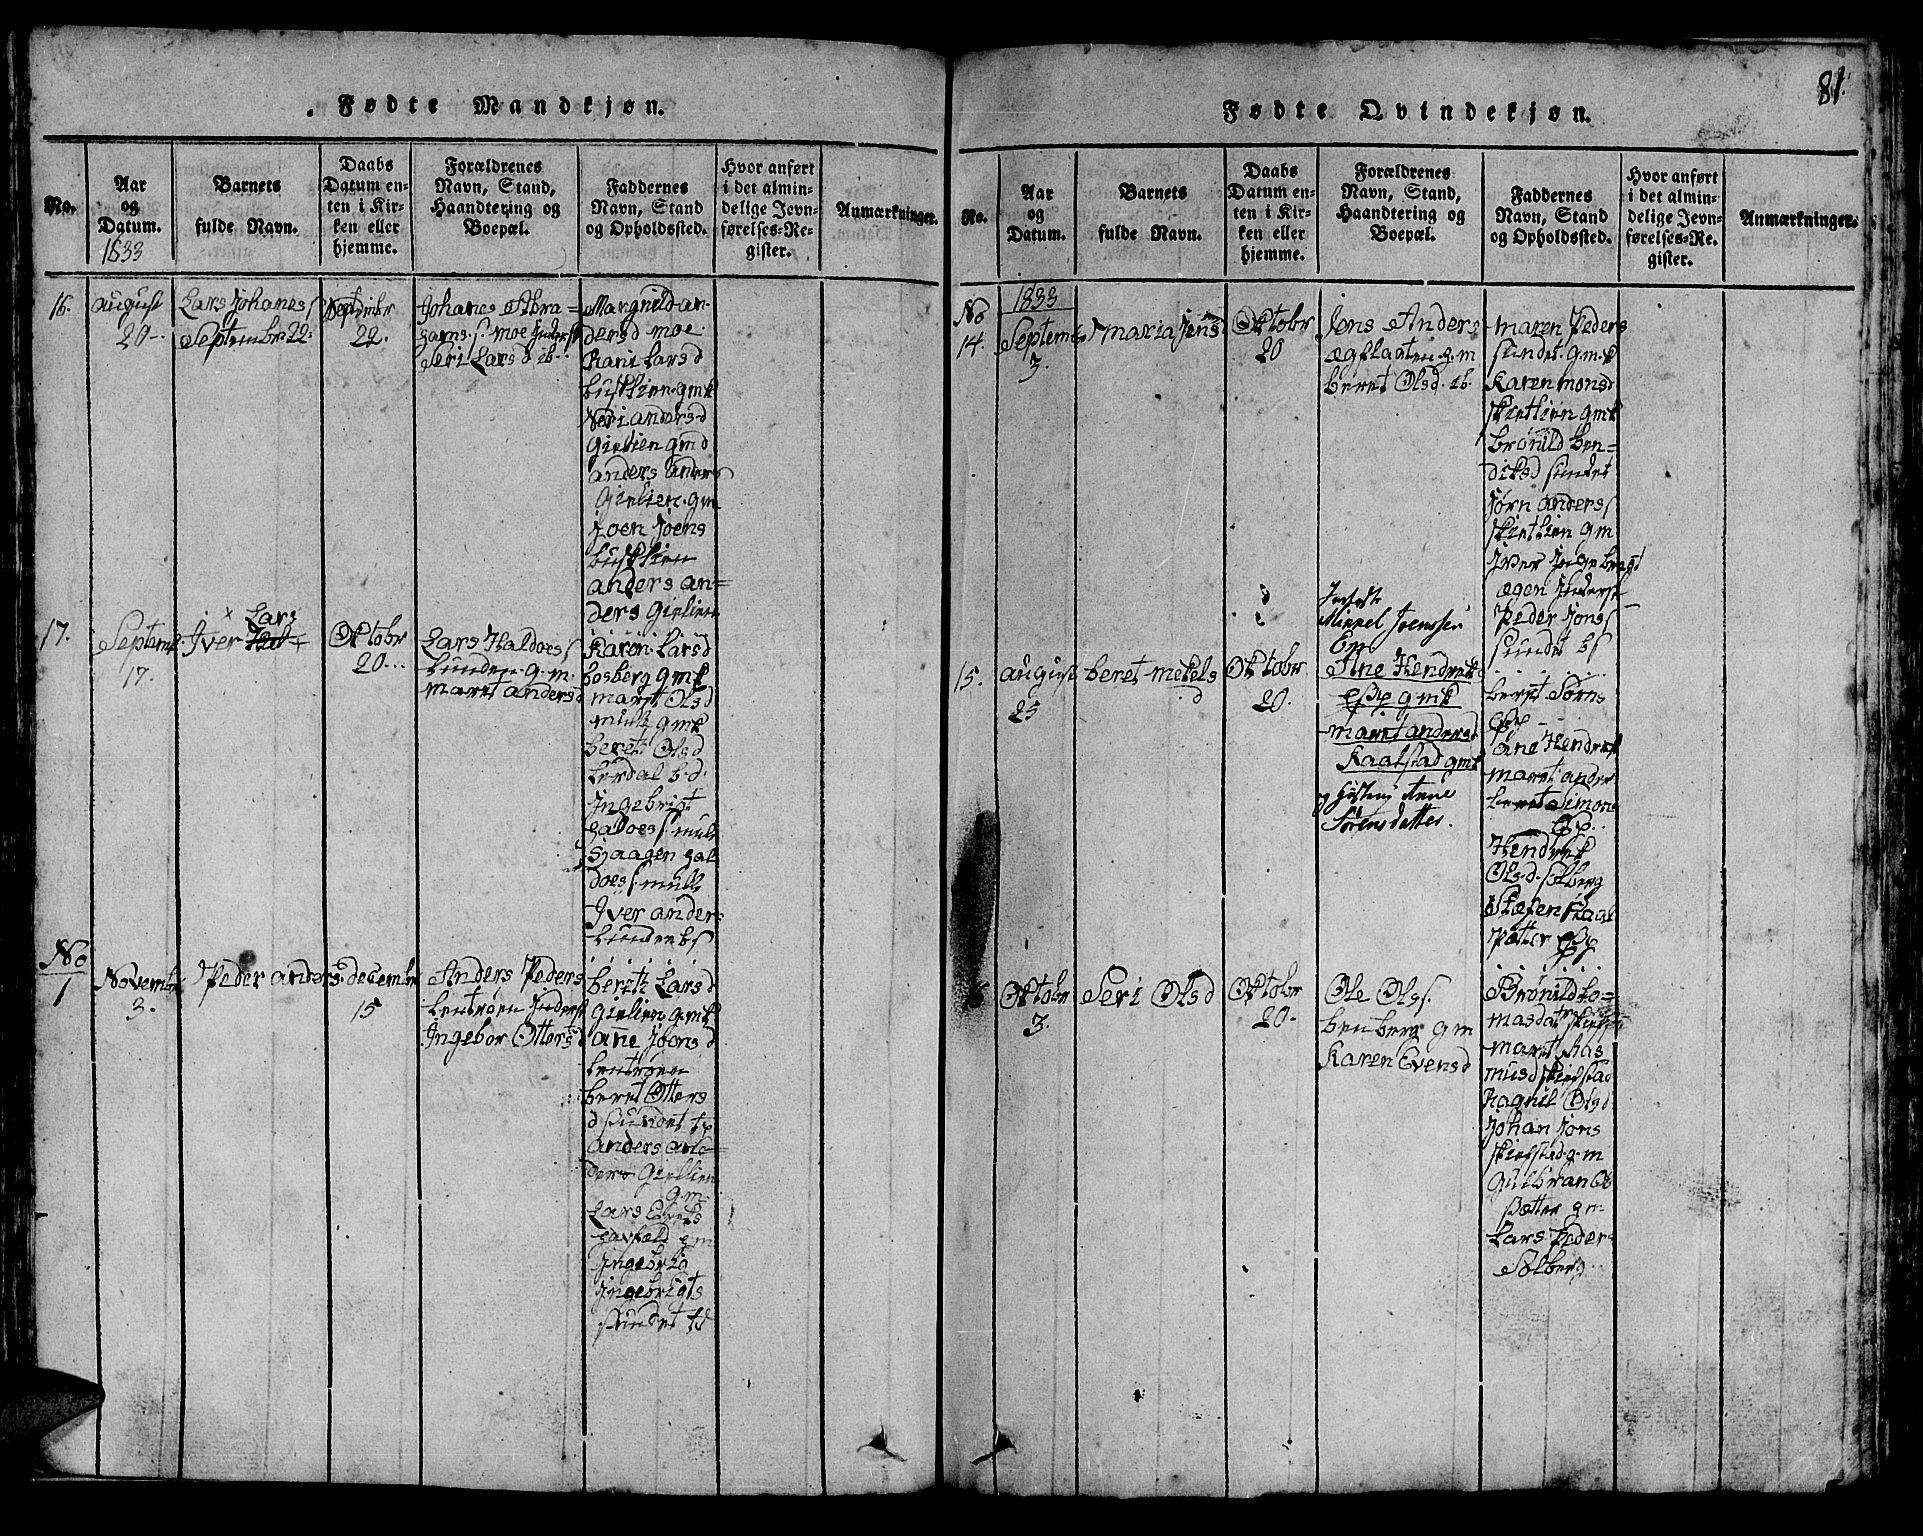 SAT, Ministerialprotokoller, klokkerbøker og fødselsregistre - Sør-Trøndelag, 613/L0393: Klokkerbok nr. 613C01, 1816-1886, s. 81